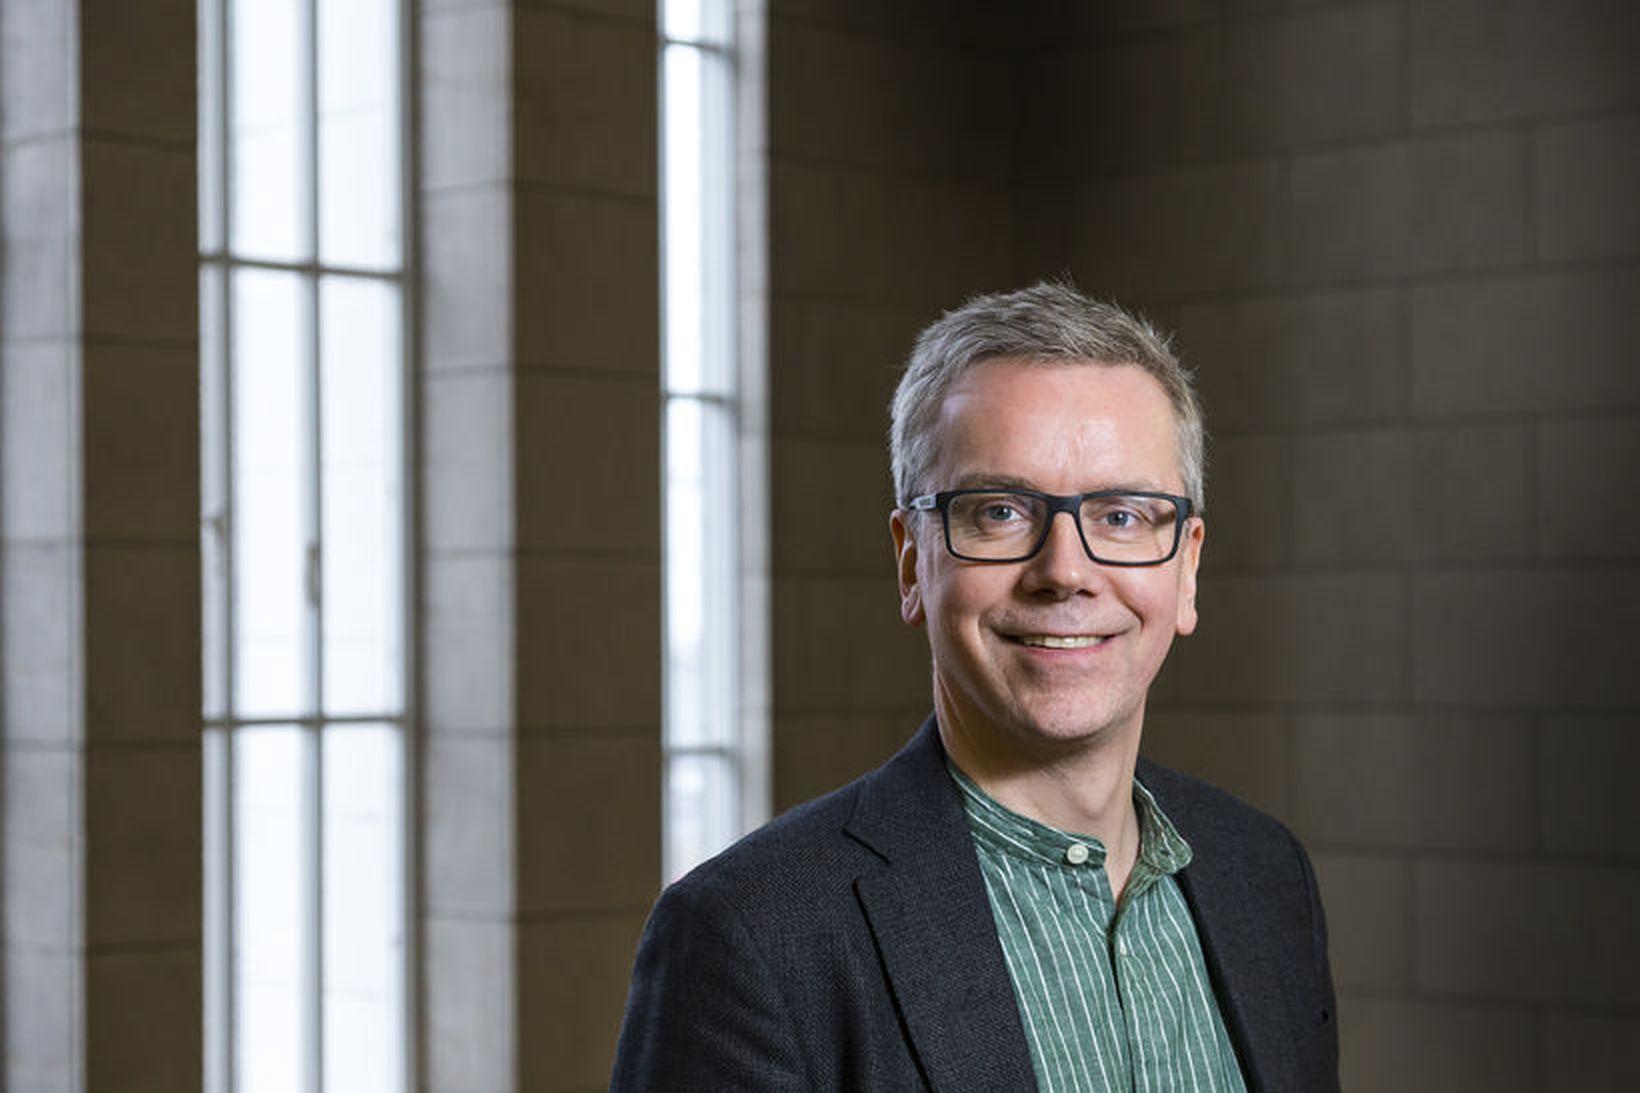 Sigurður Yngvi Kristinsson, prófessor í blóðsjúkdómum við Læknadeild Háskóla Íslands …